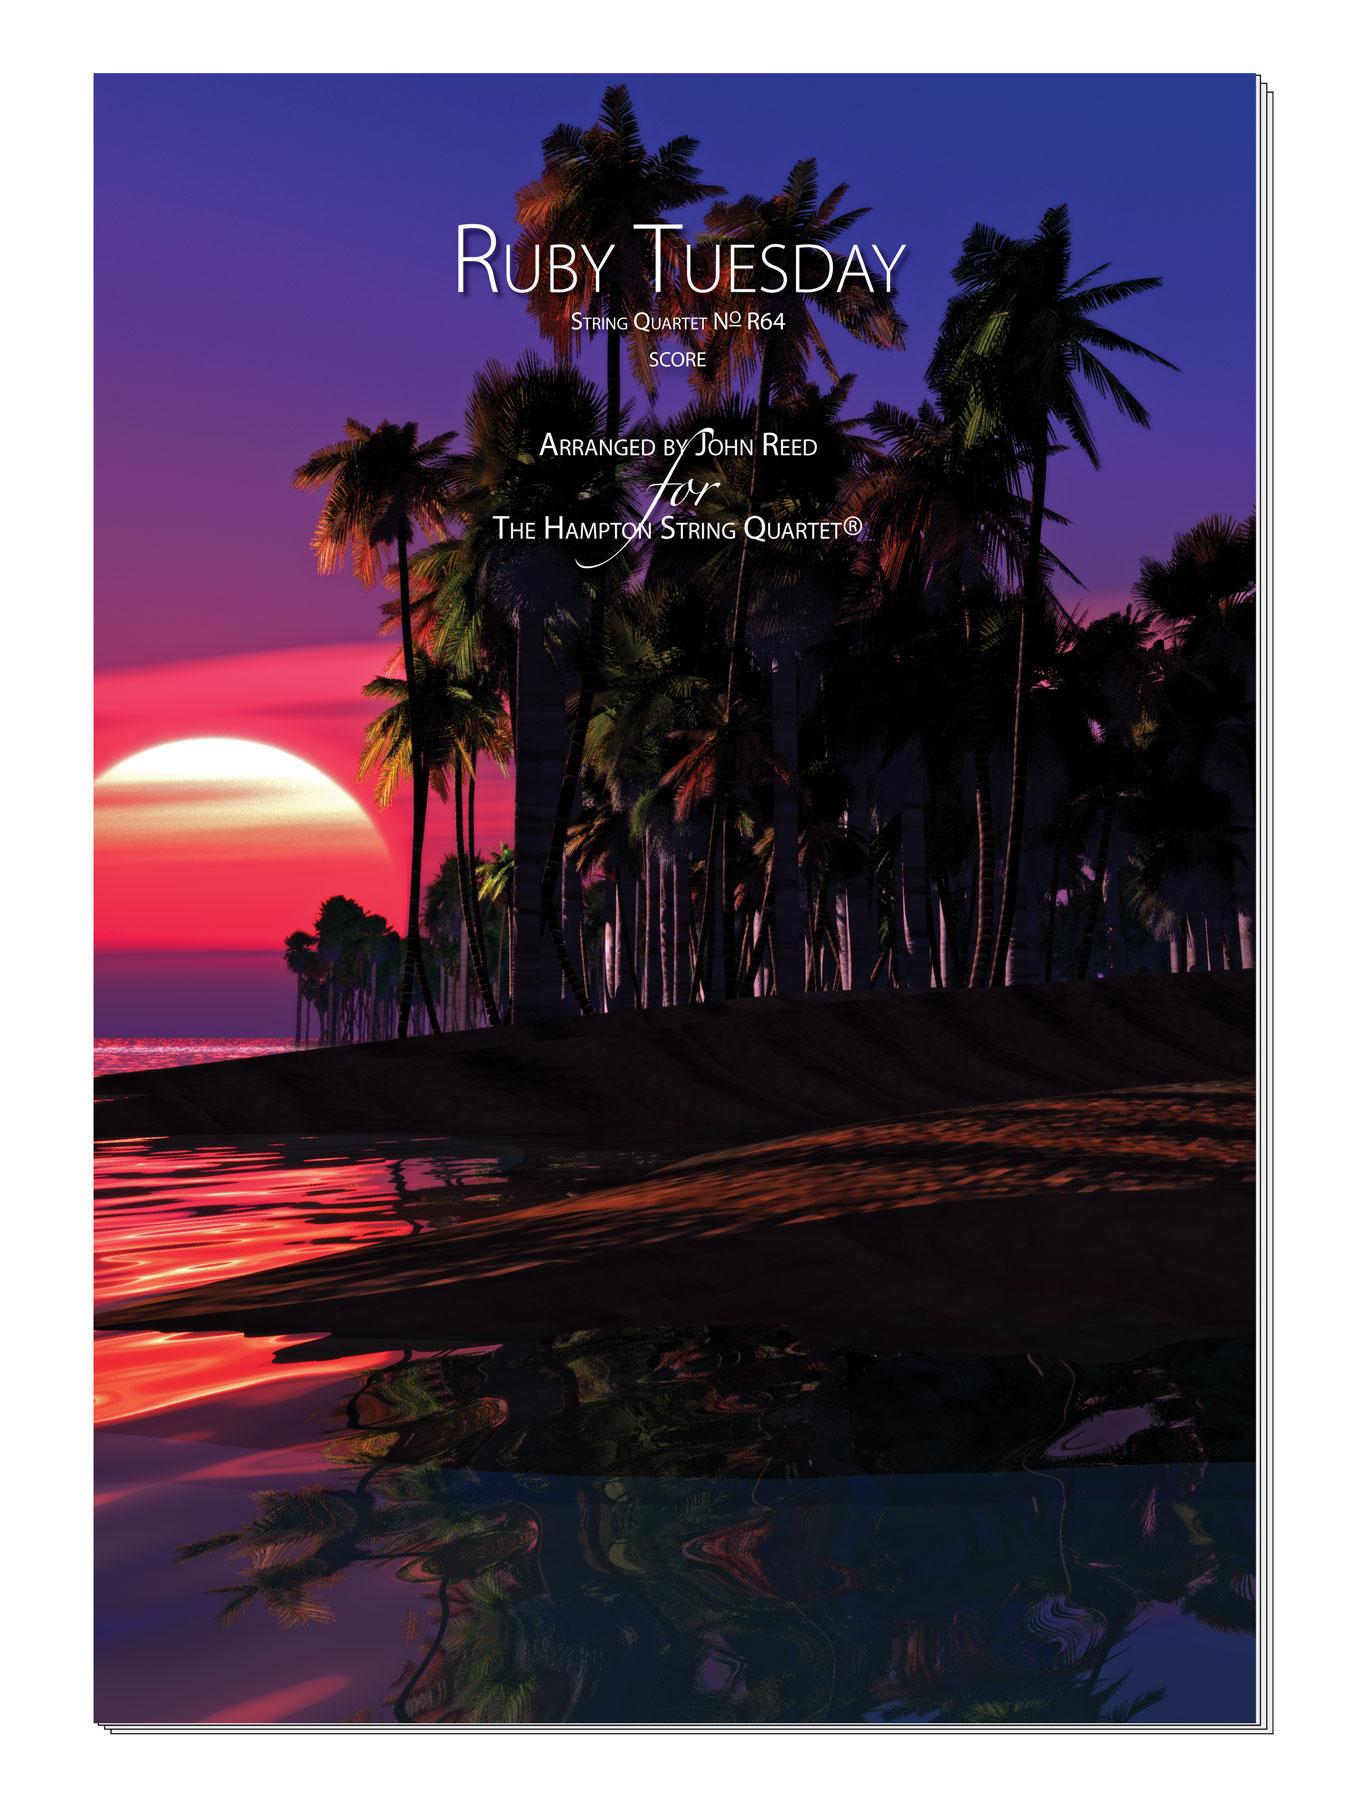 RubyTuesday.jpg